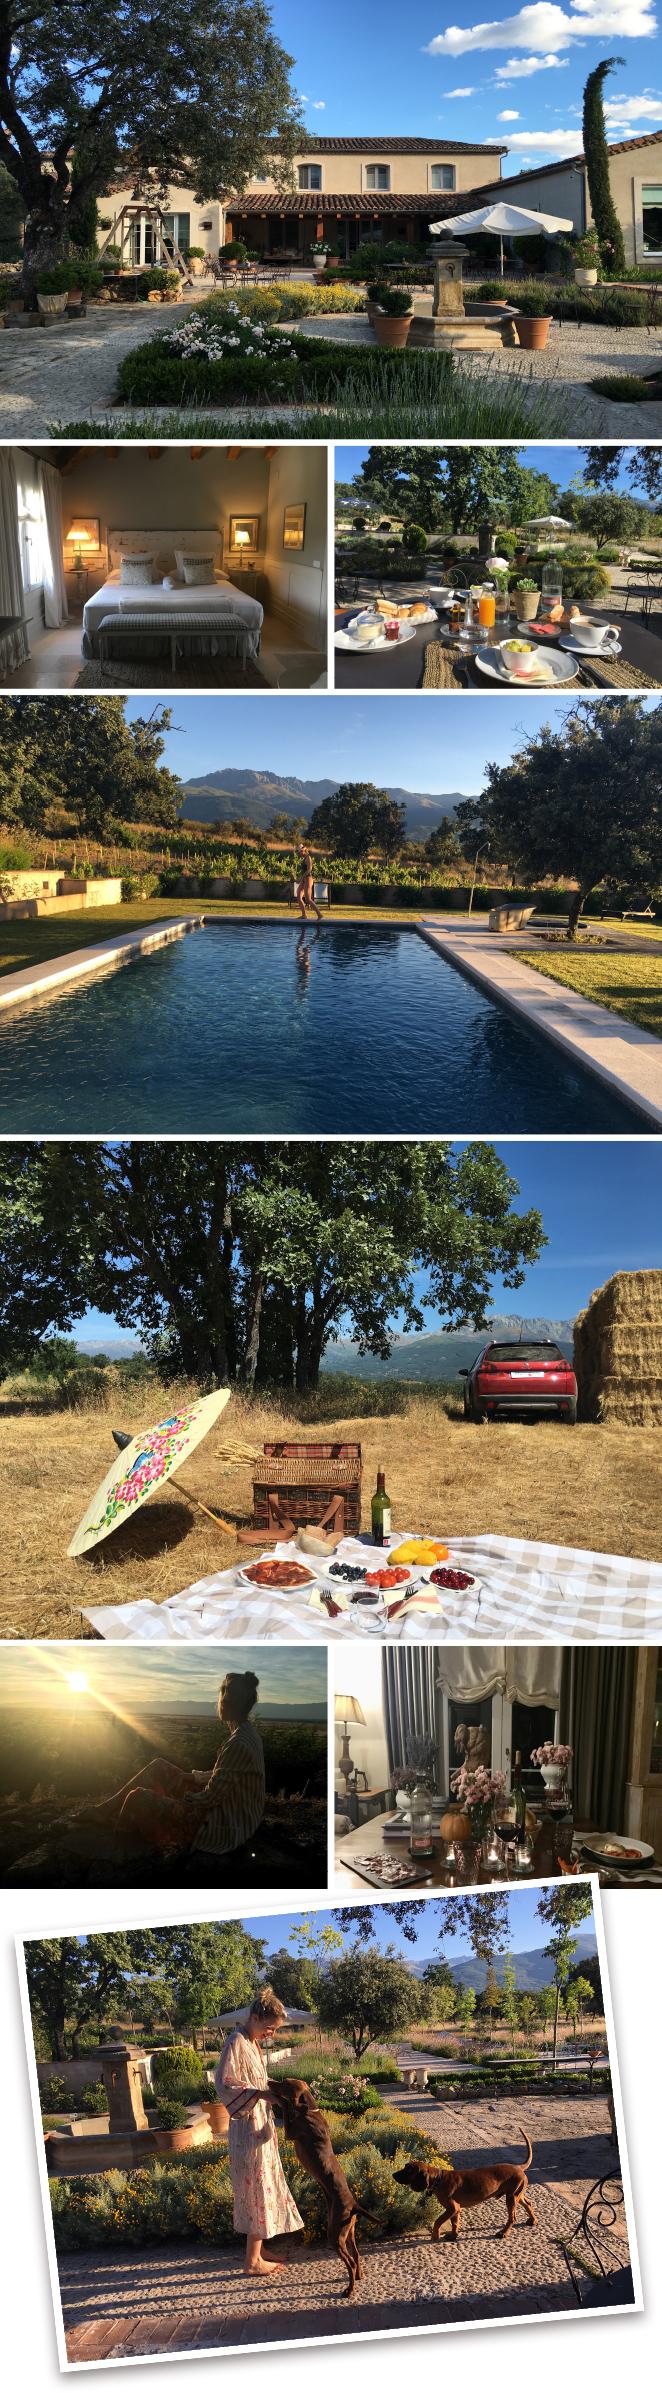 La Casa de los Tomillares en el Valle del Tiétar que es una zona preciosa donde también podréis hacer excursiones interesantes como a la Gruta del Águila.